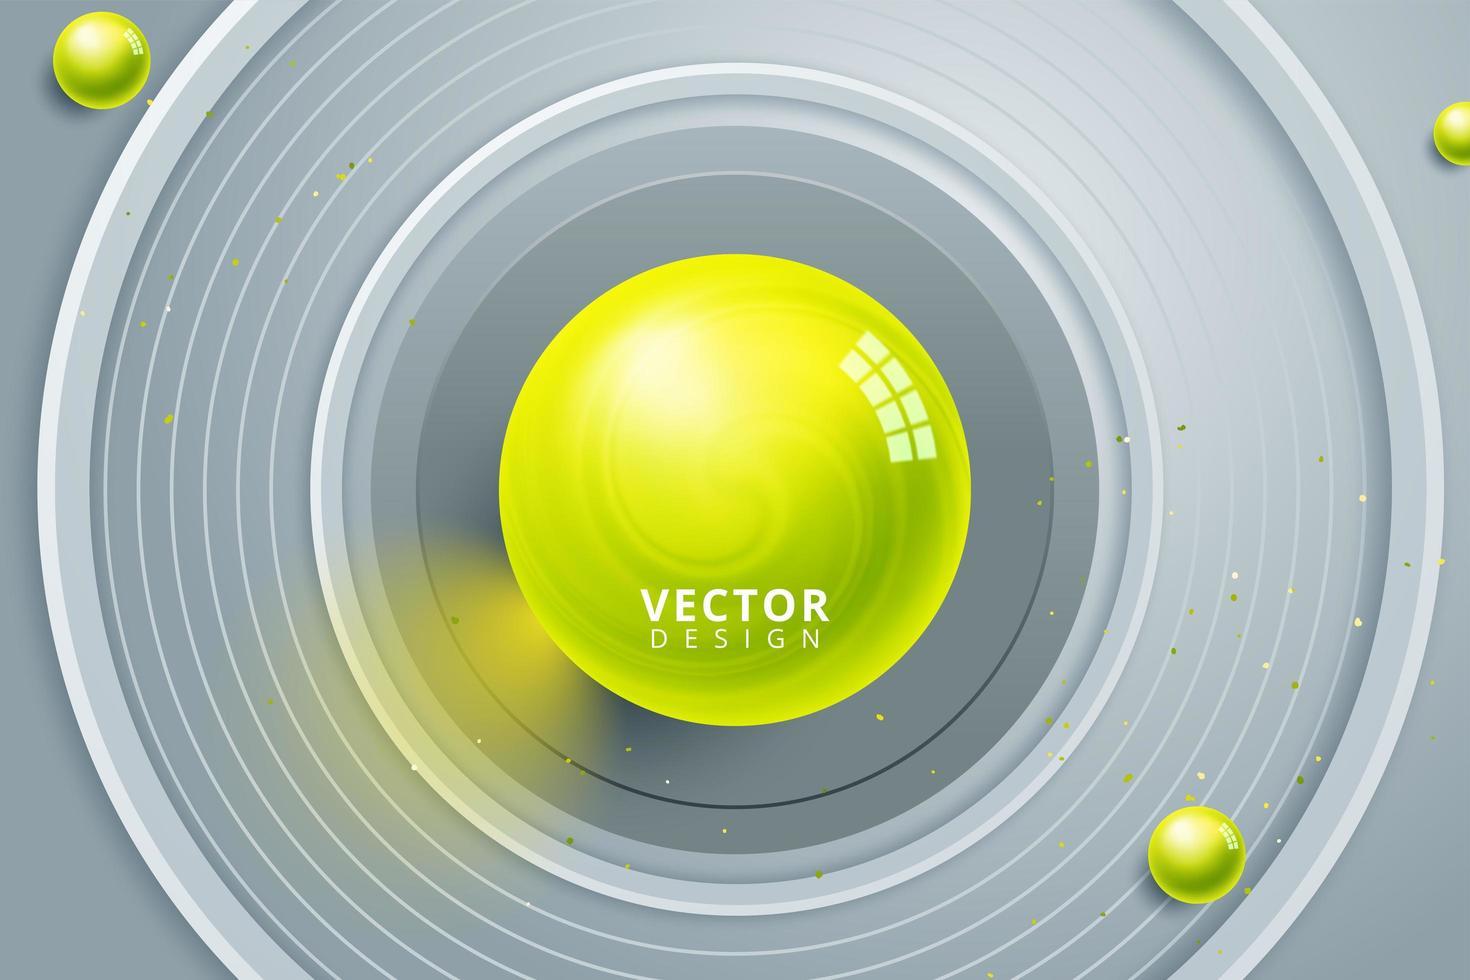 esfera amarilla en el centro de círculos concéntricos grises vector